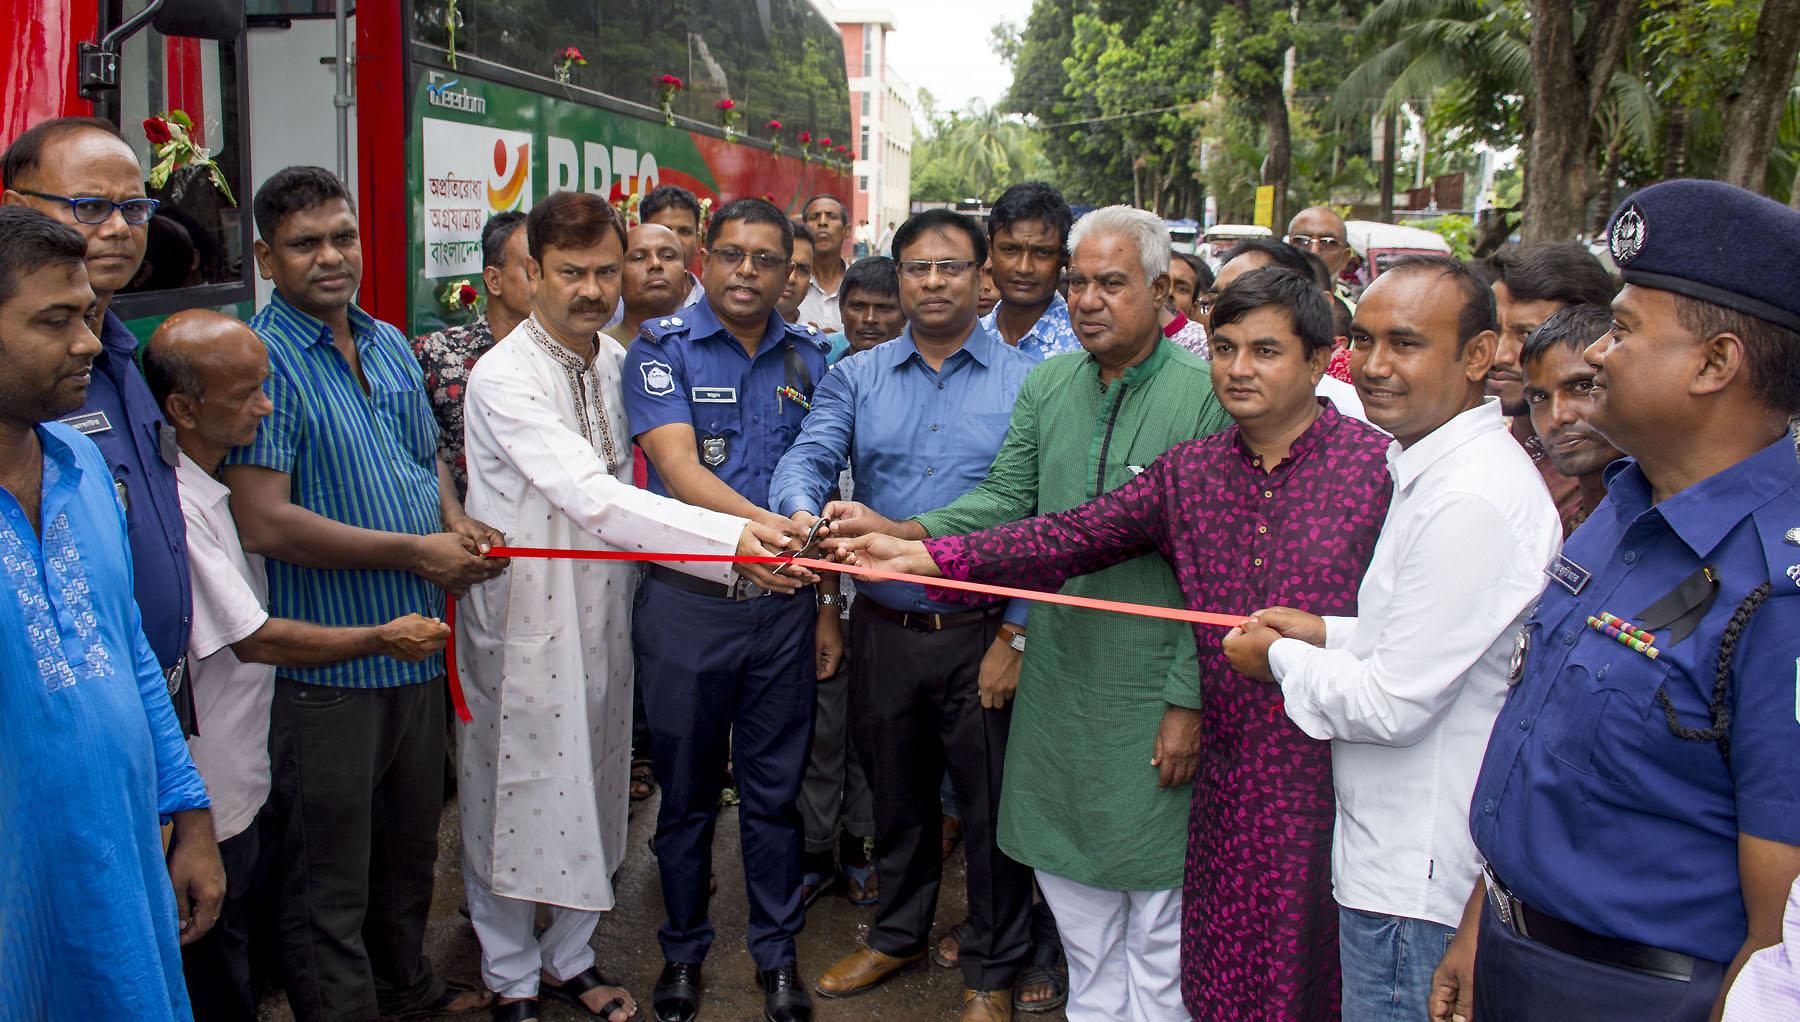 চালু হলো ঢাকা-গাইবান্ধা বিআরটিসি এসি বাস সার্ভিস